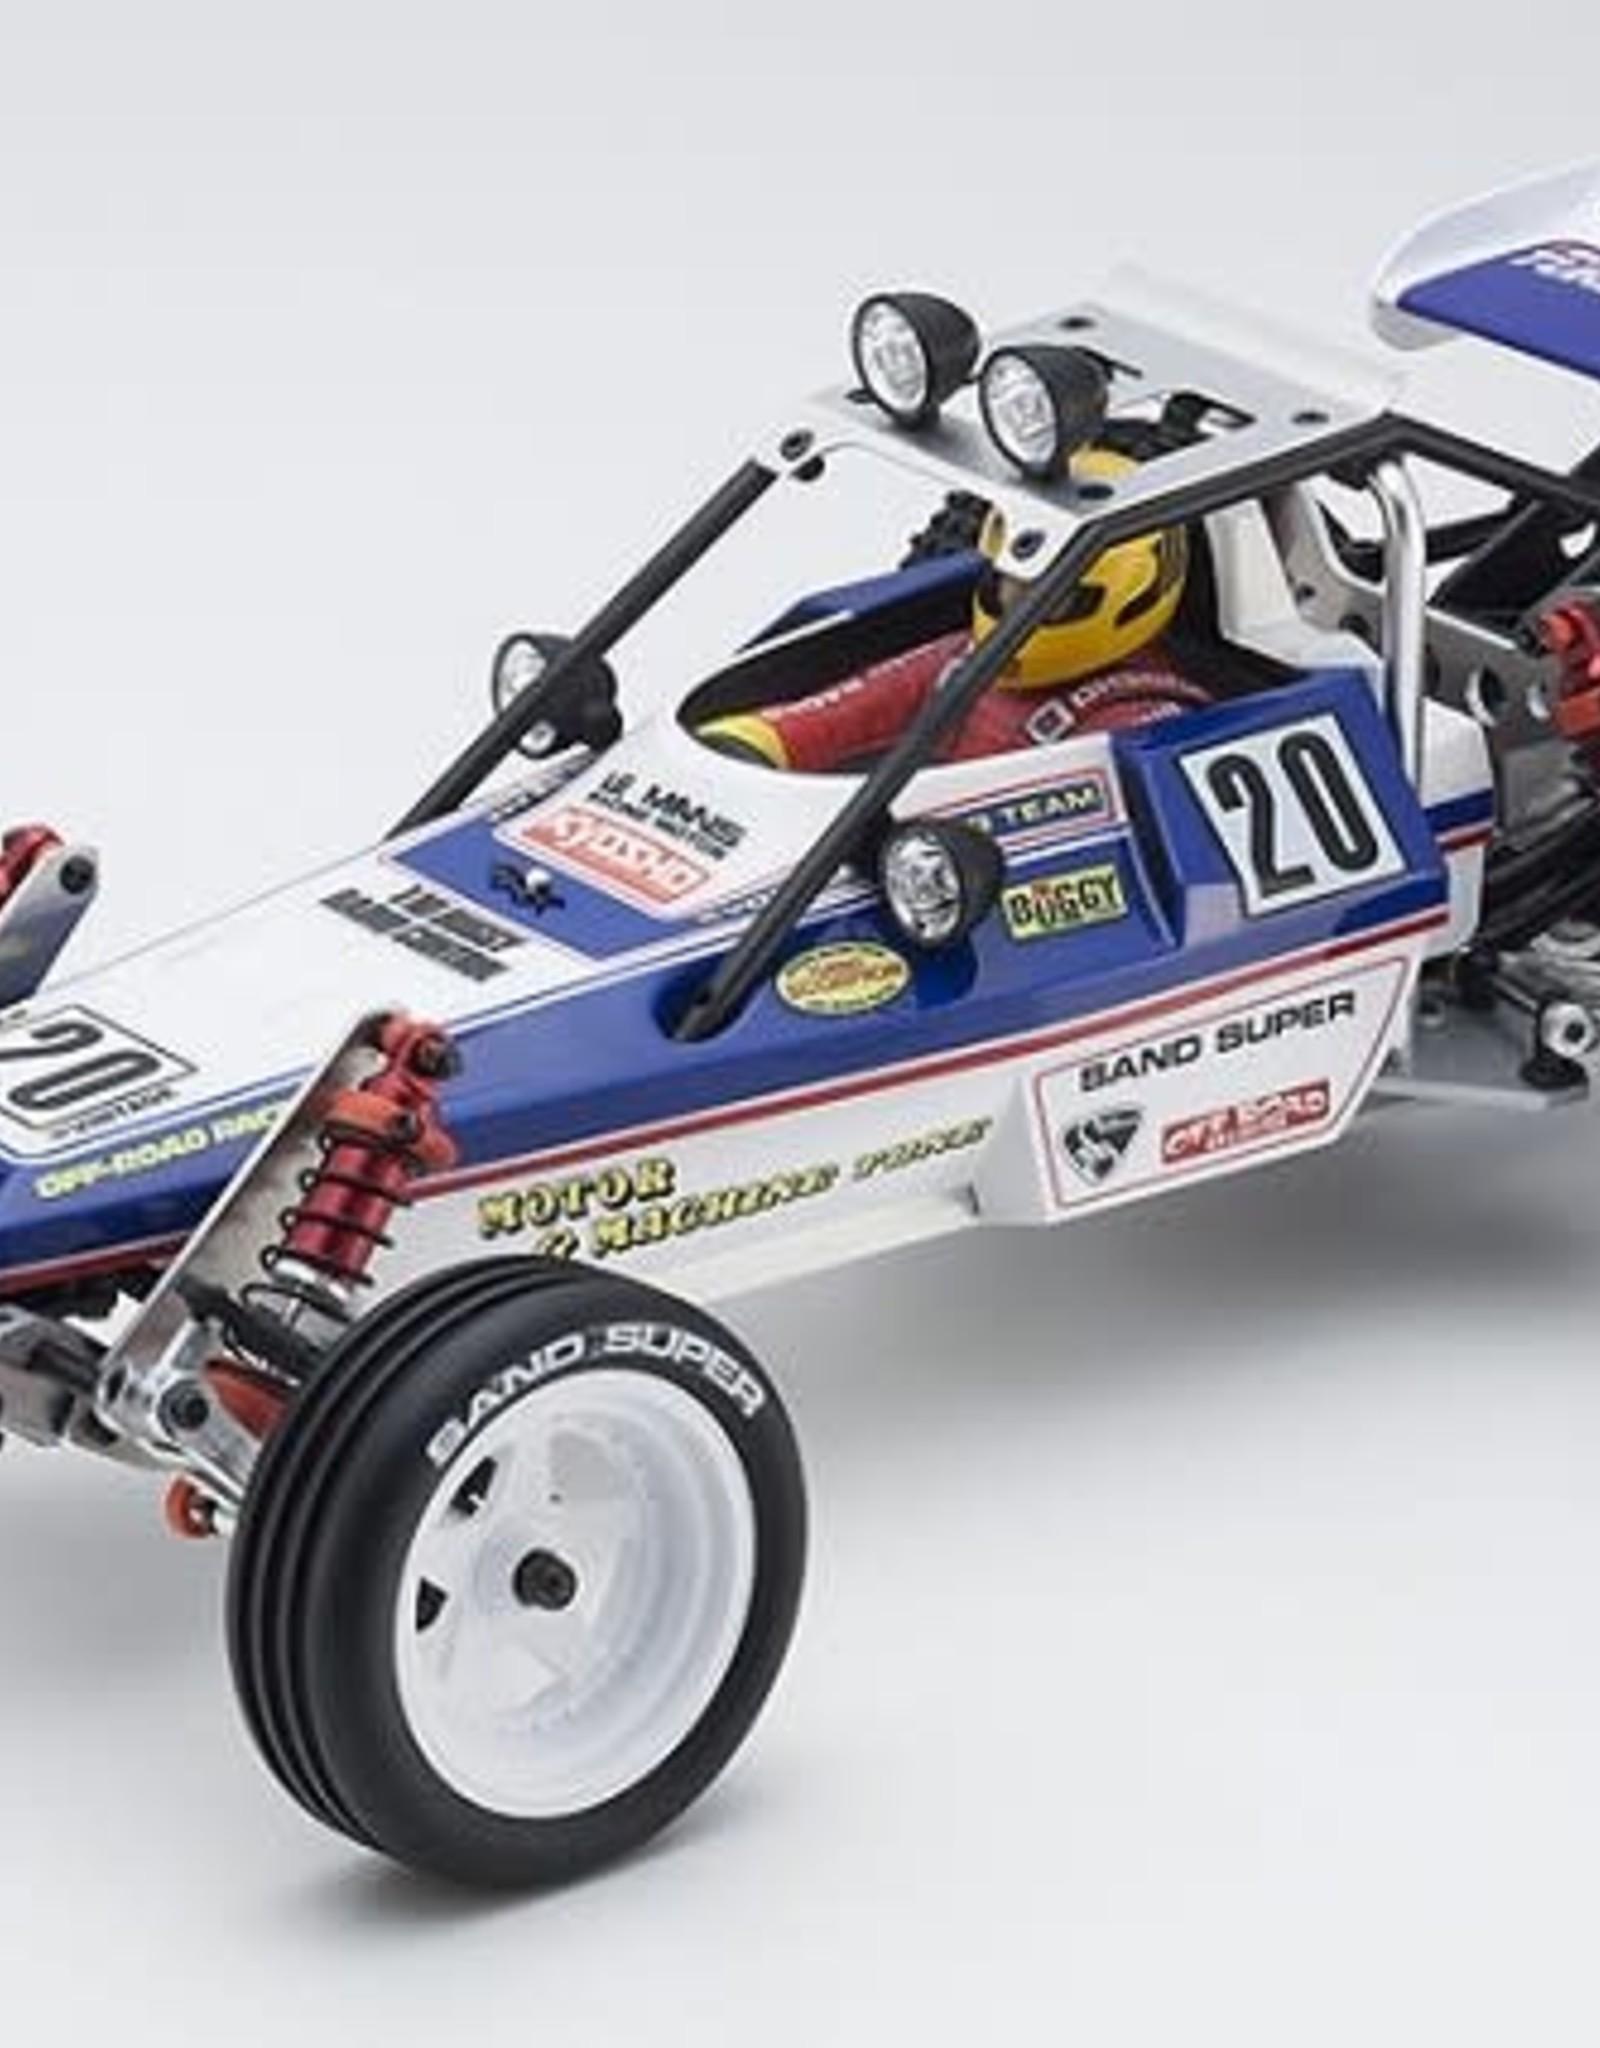 KYOSHO KYO30616B Turbo Scorpion Kit